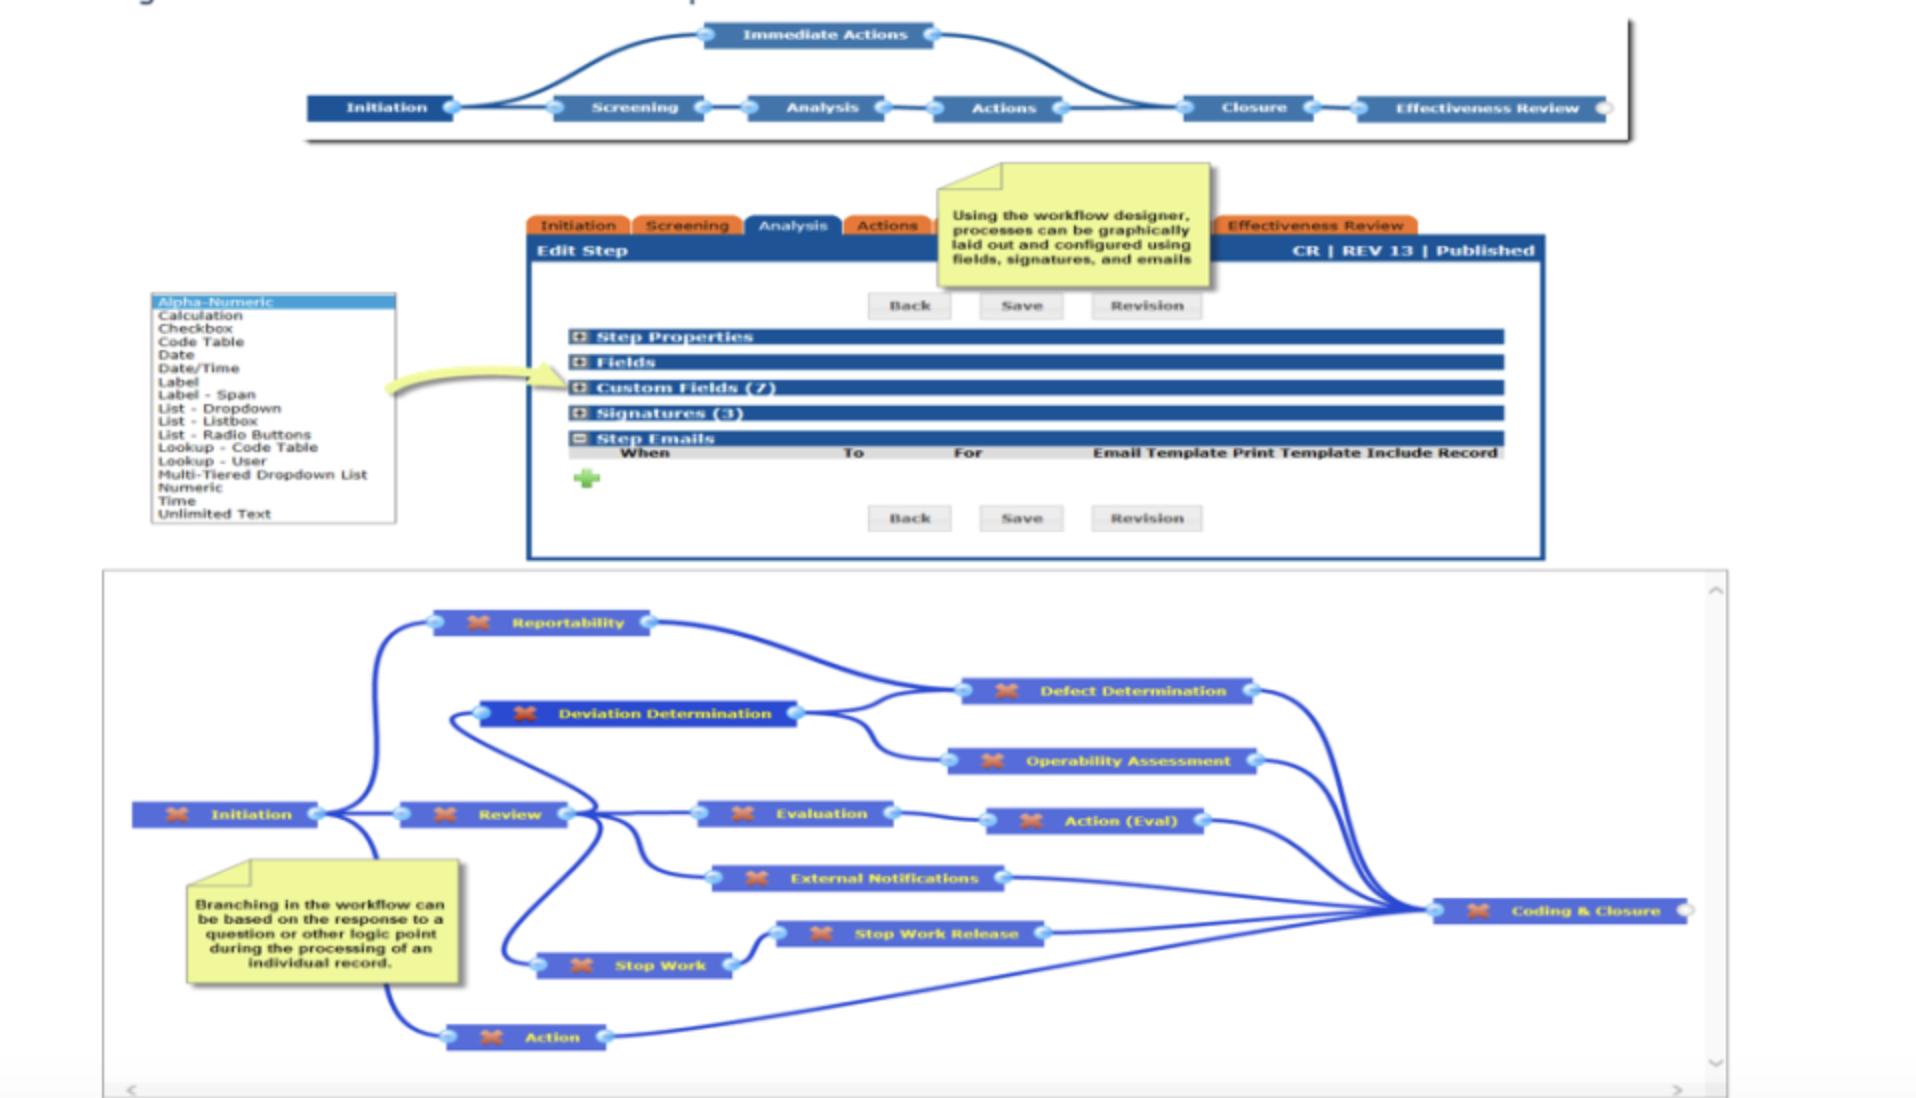 BPI System workflows designer